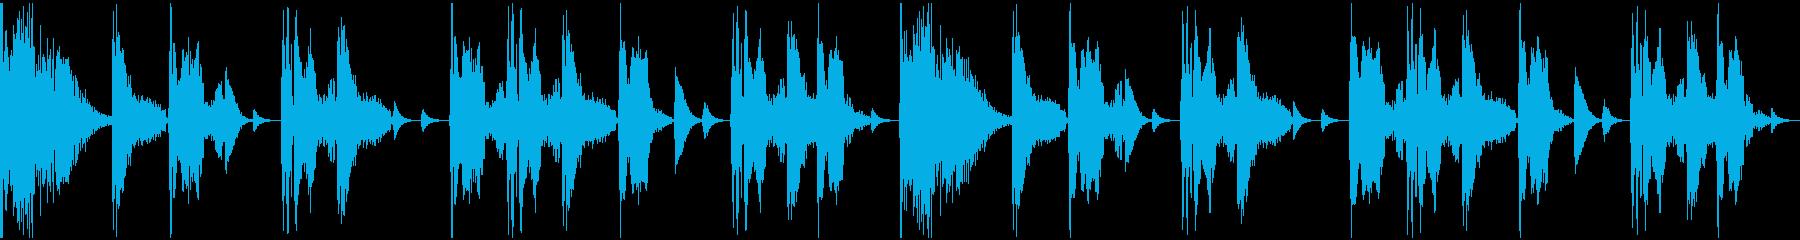 【エレクトロニカ】ロング3、ショート5の再生済みの波形